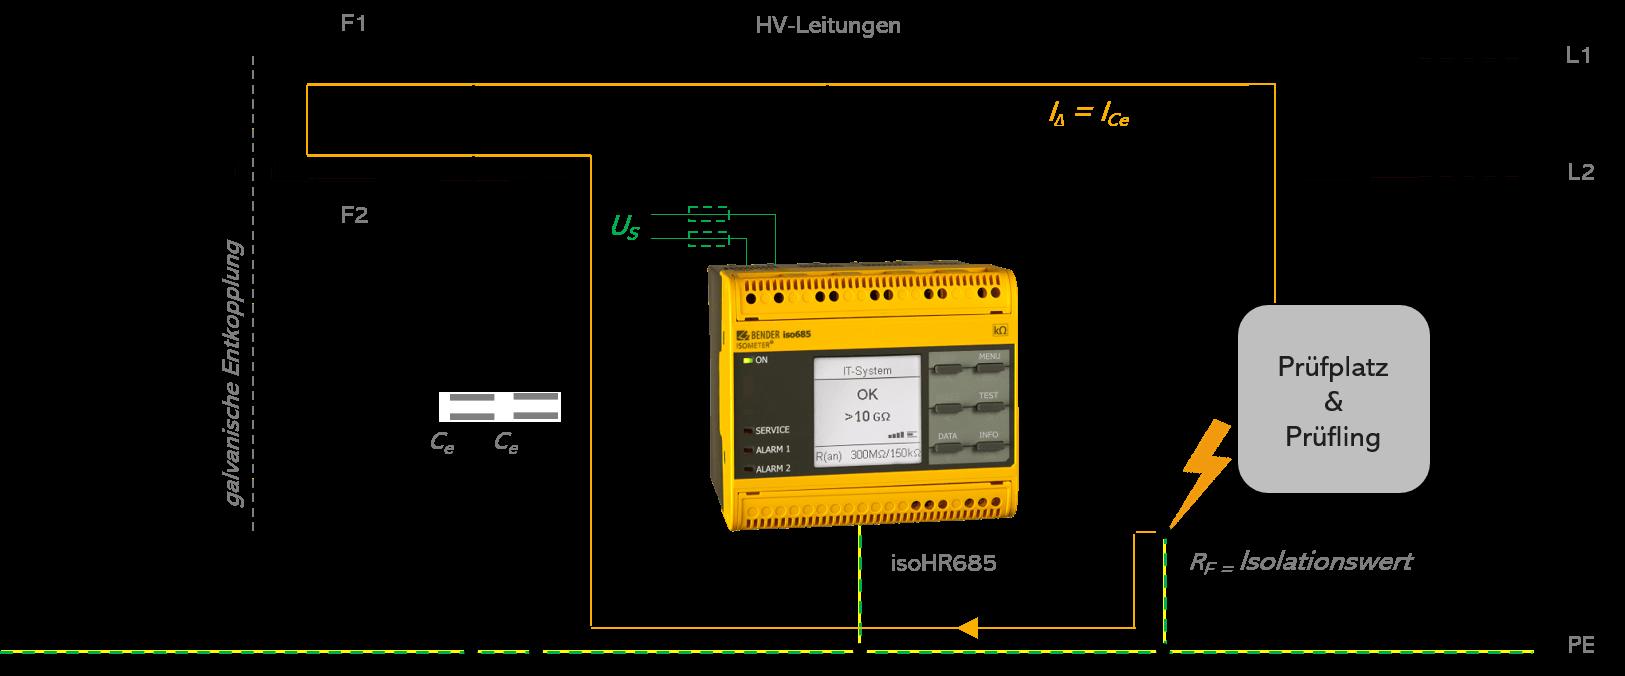 Schematische Darstellung eines HV-Prüfplatzes mit HV-Spannung